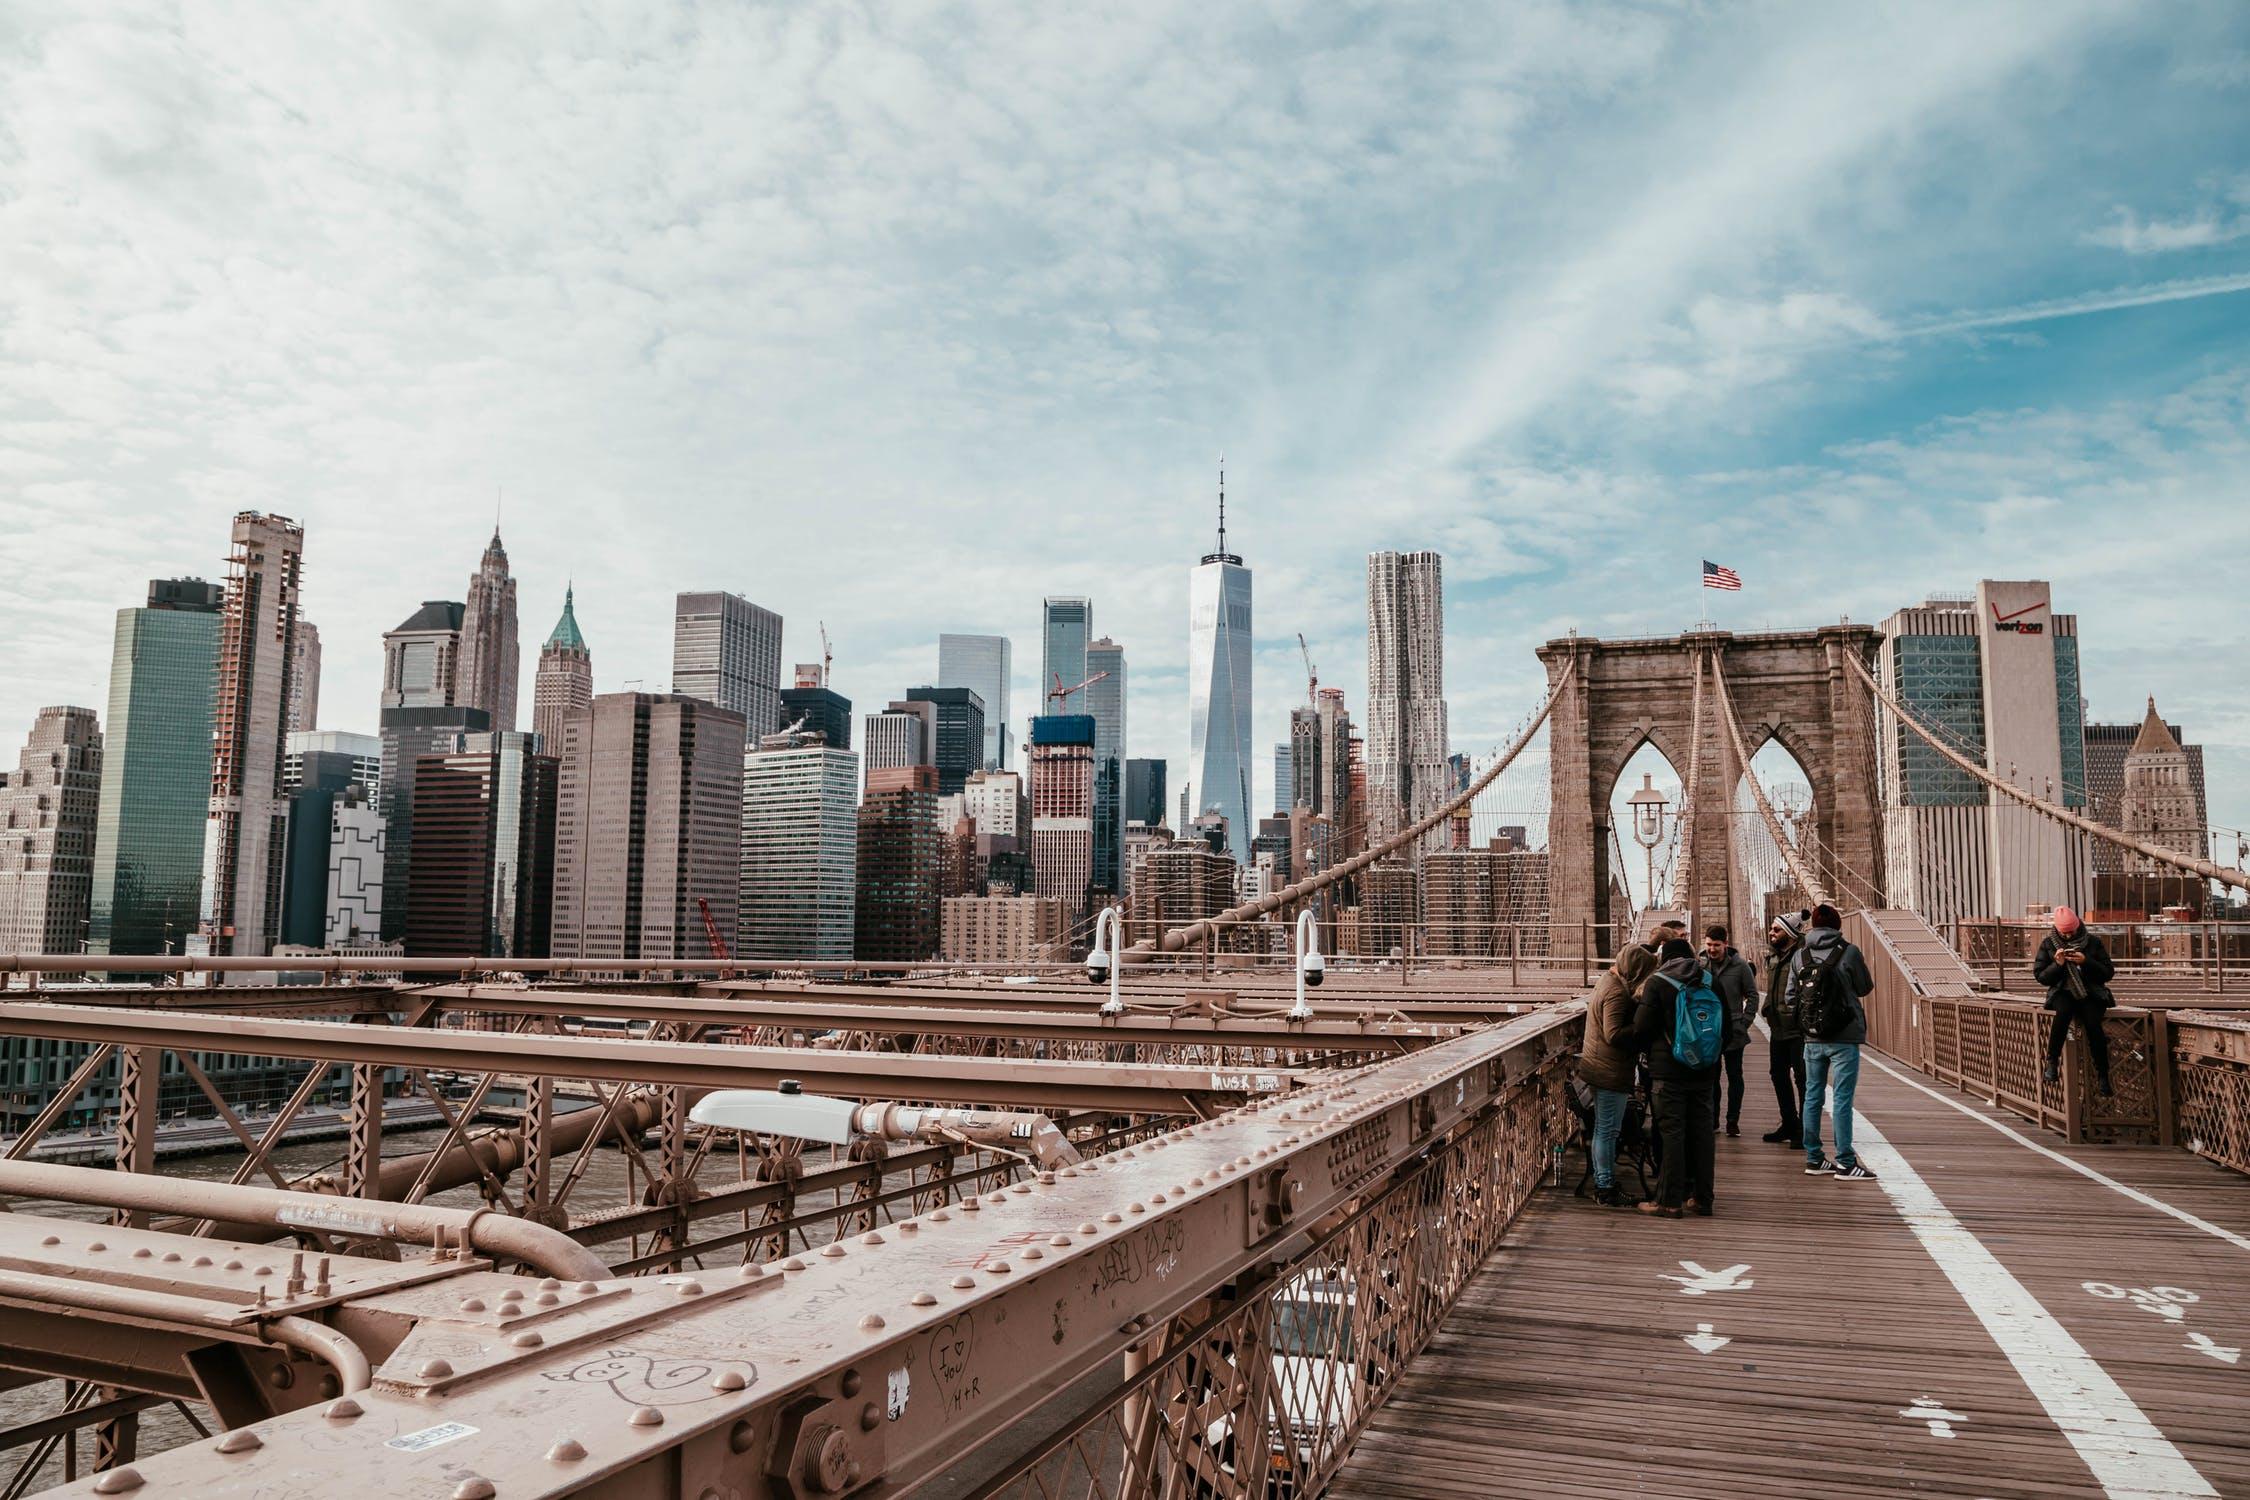 নিউ ইয়র্ক, মার্কিন যুক্তরাষ্ট্র। প্রতীকী ছবি : ইনস্টাগ্রাম (Instagram)